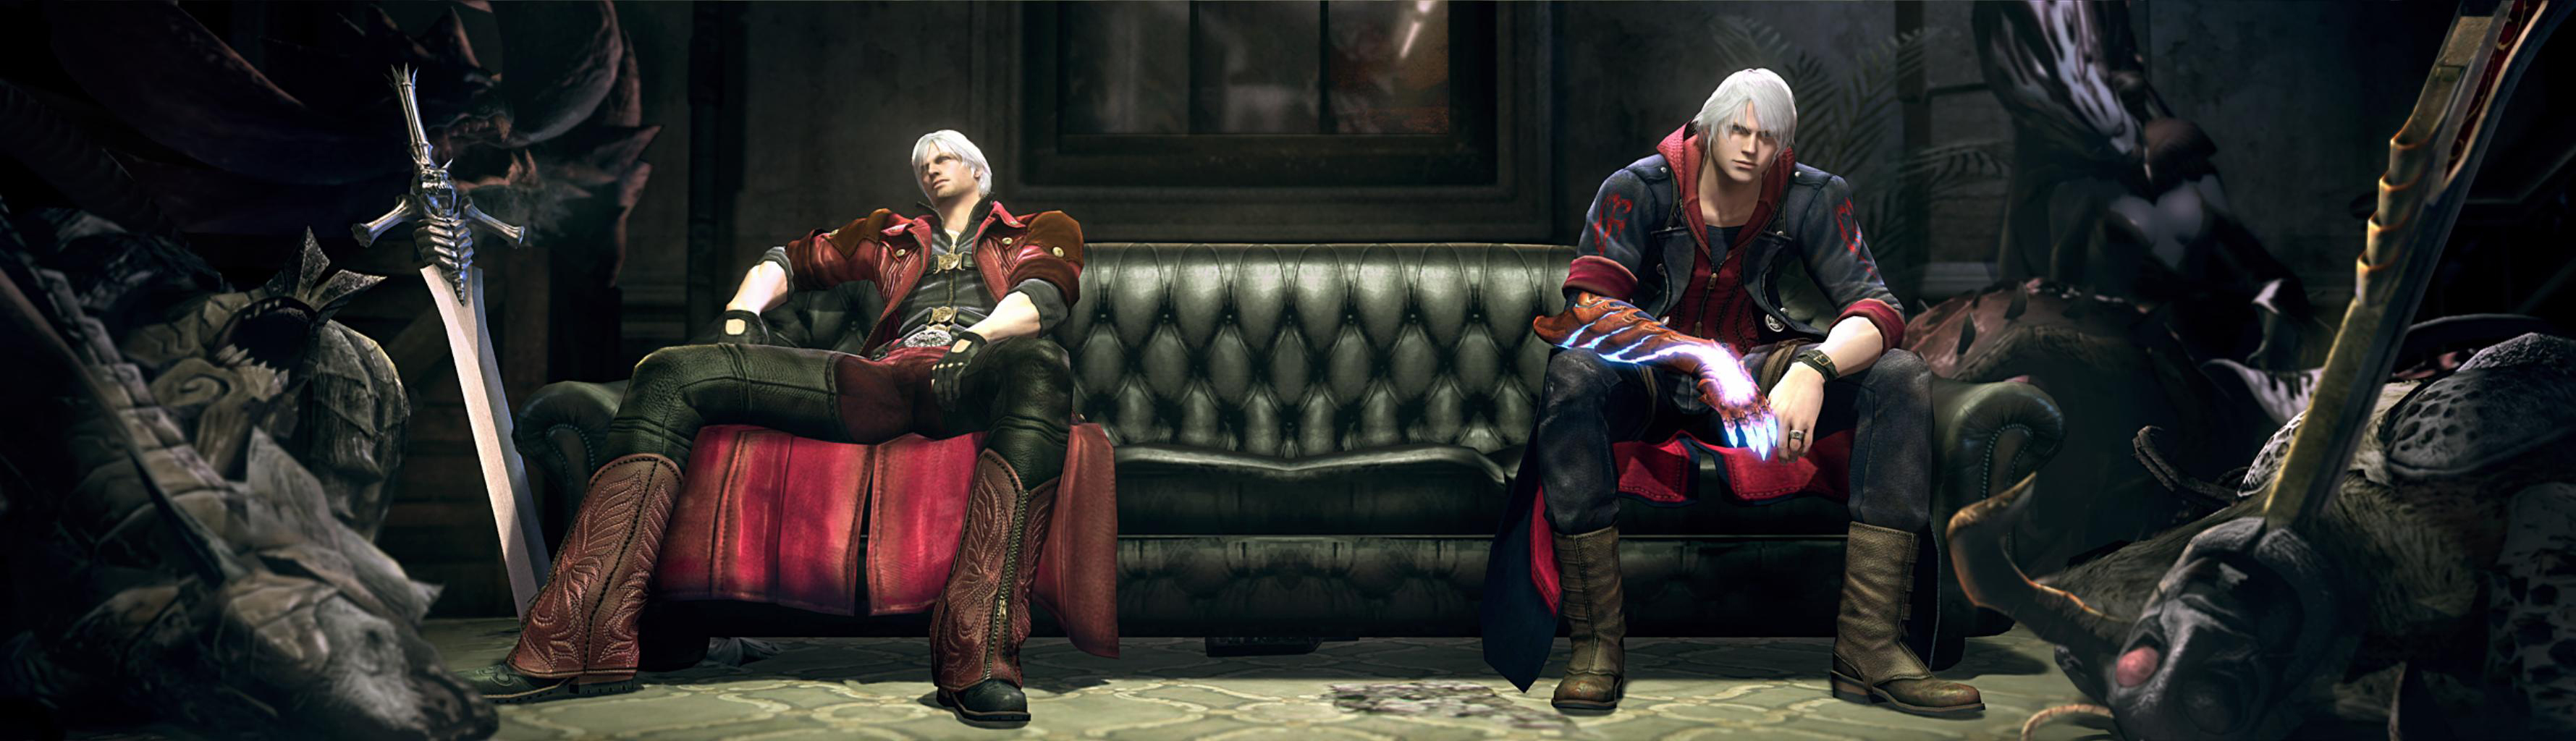 Игры Холодное Сердце Эльза и Анна  GameGame